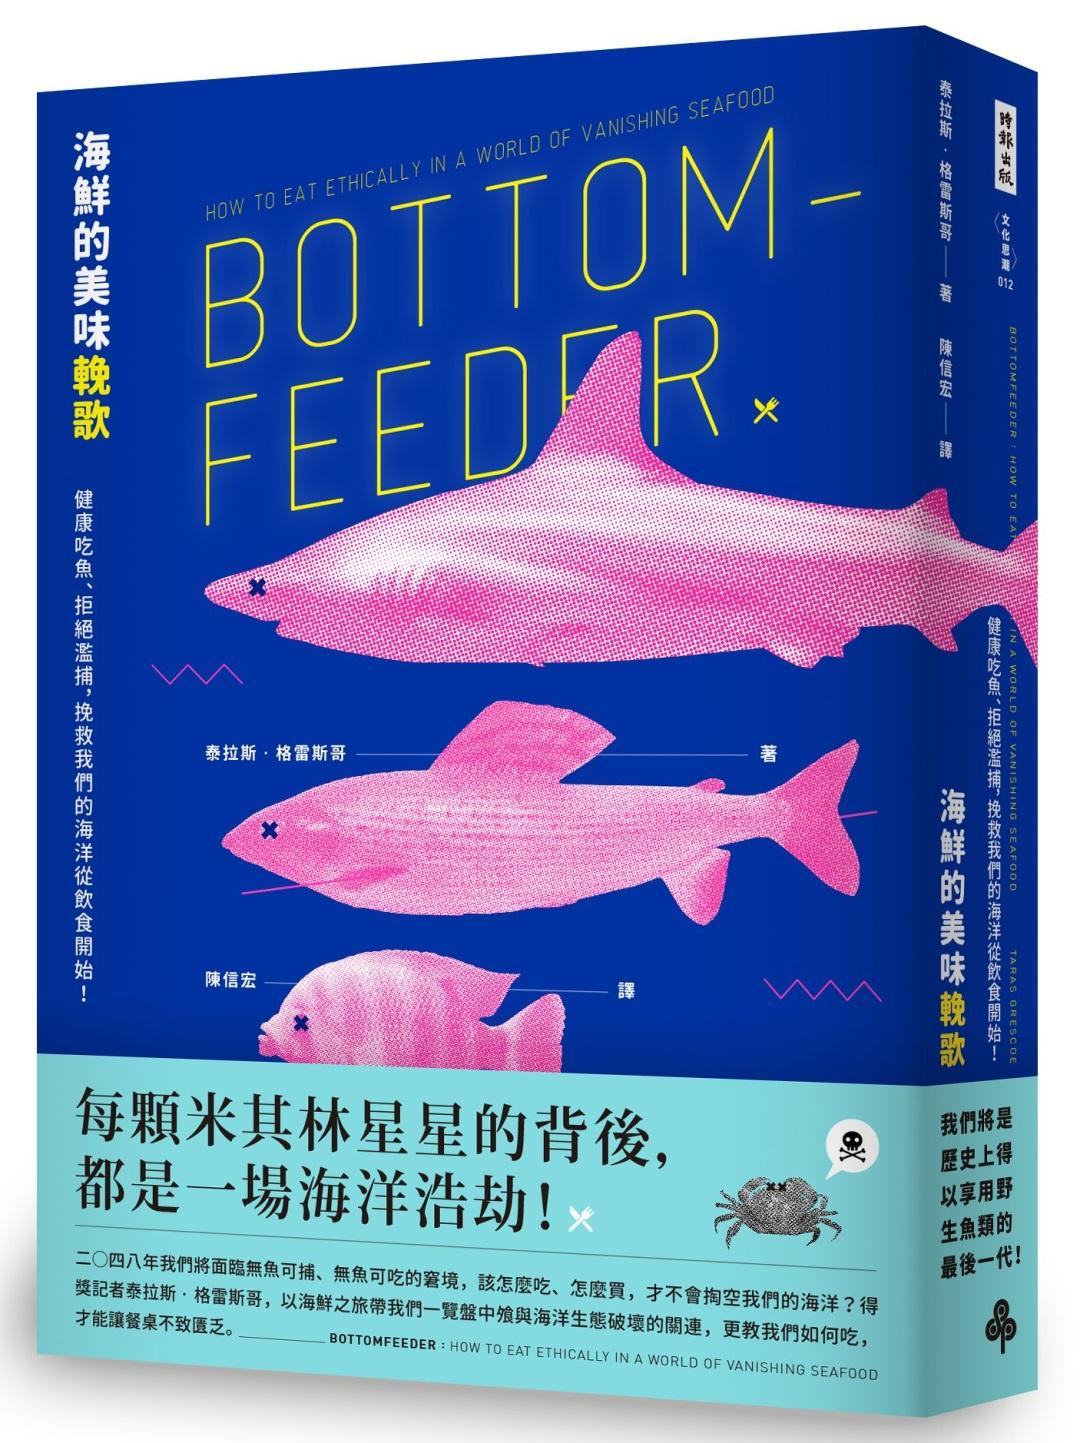 海鮮的美味輓歌:健康吃魚、拒絕濫捕,挽救我們的海洋從飲食開始!